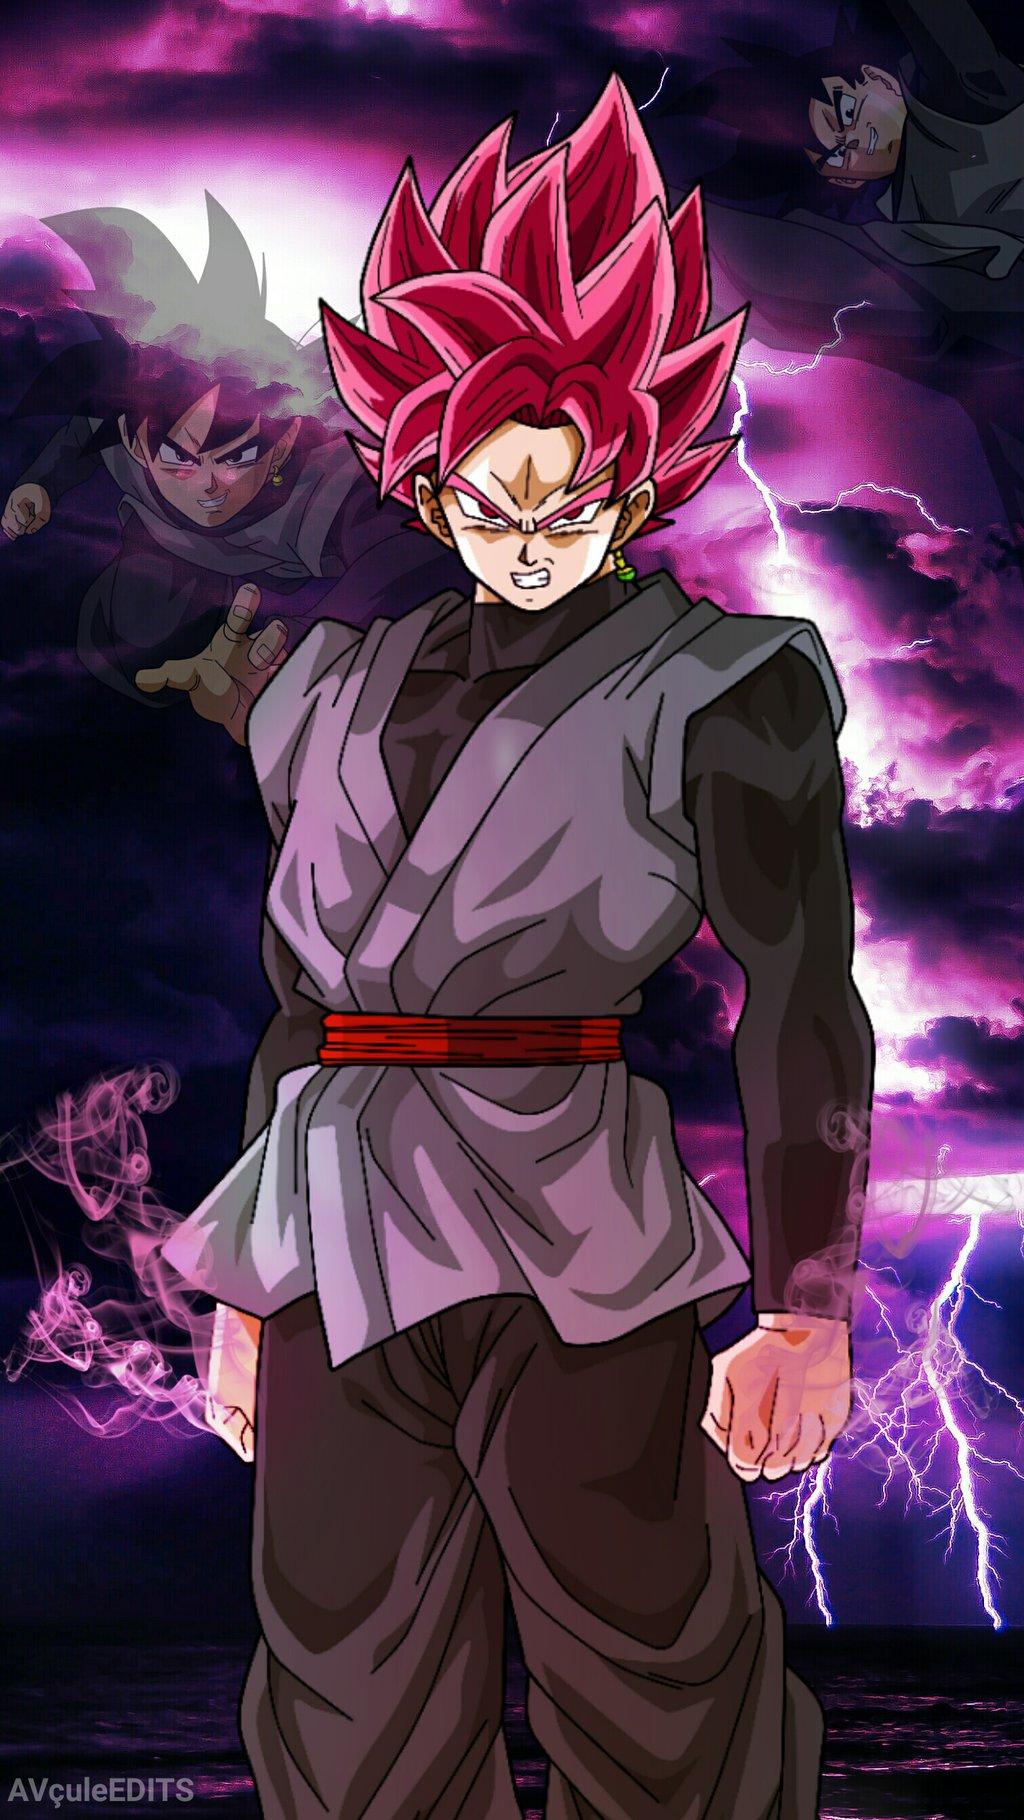 Free Download Black Goku Super Saiyan Rose Ssjr By Abhinavthecule